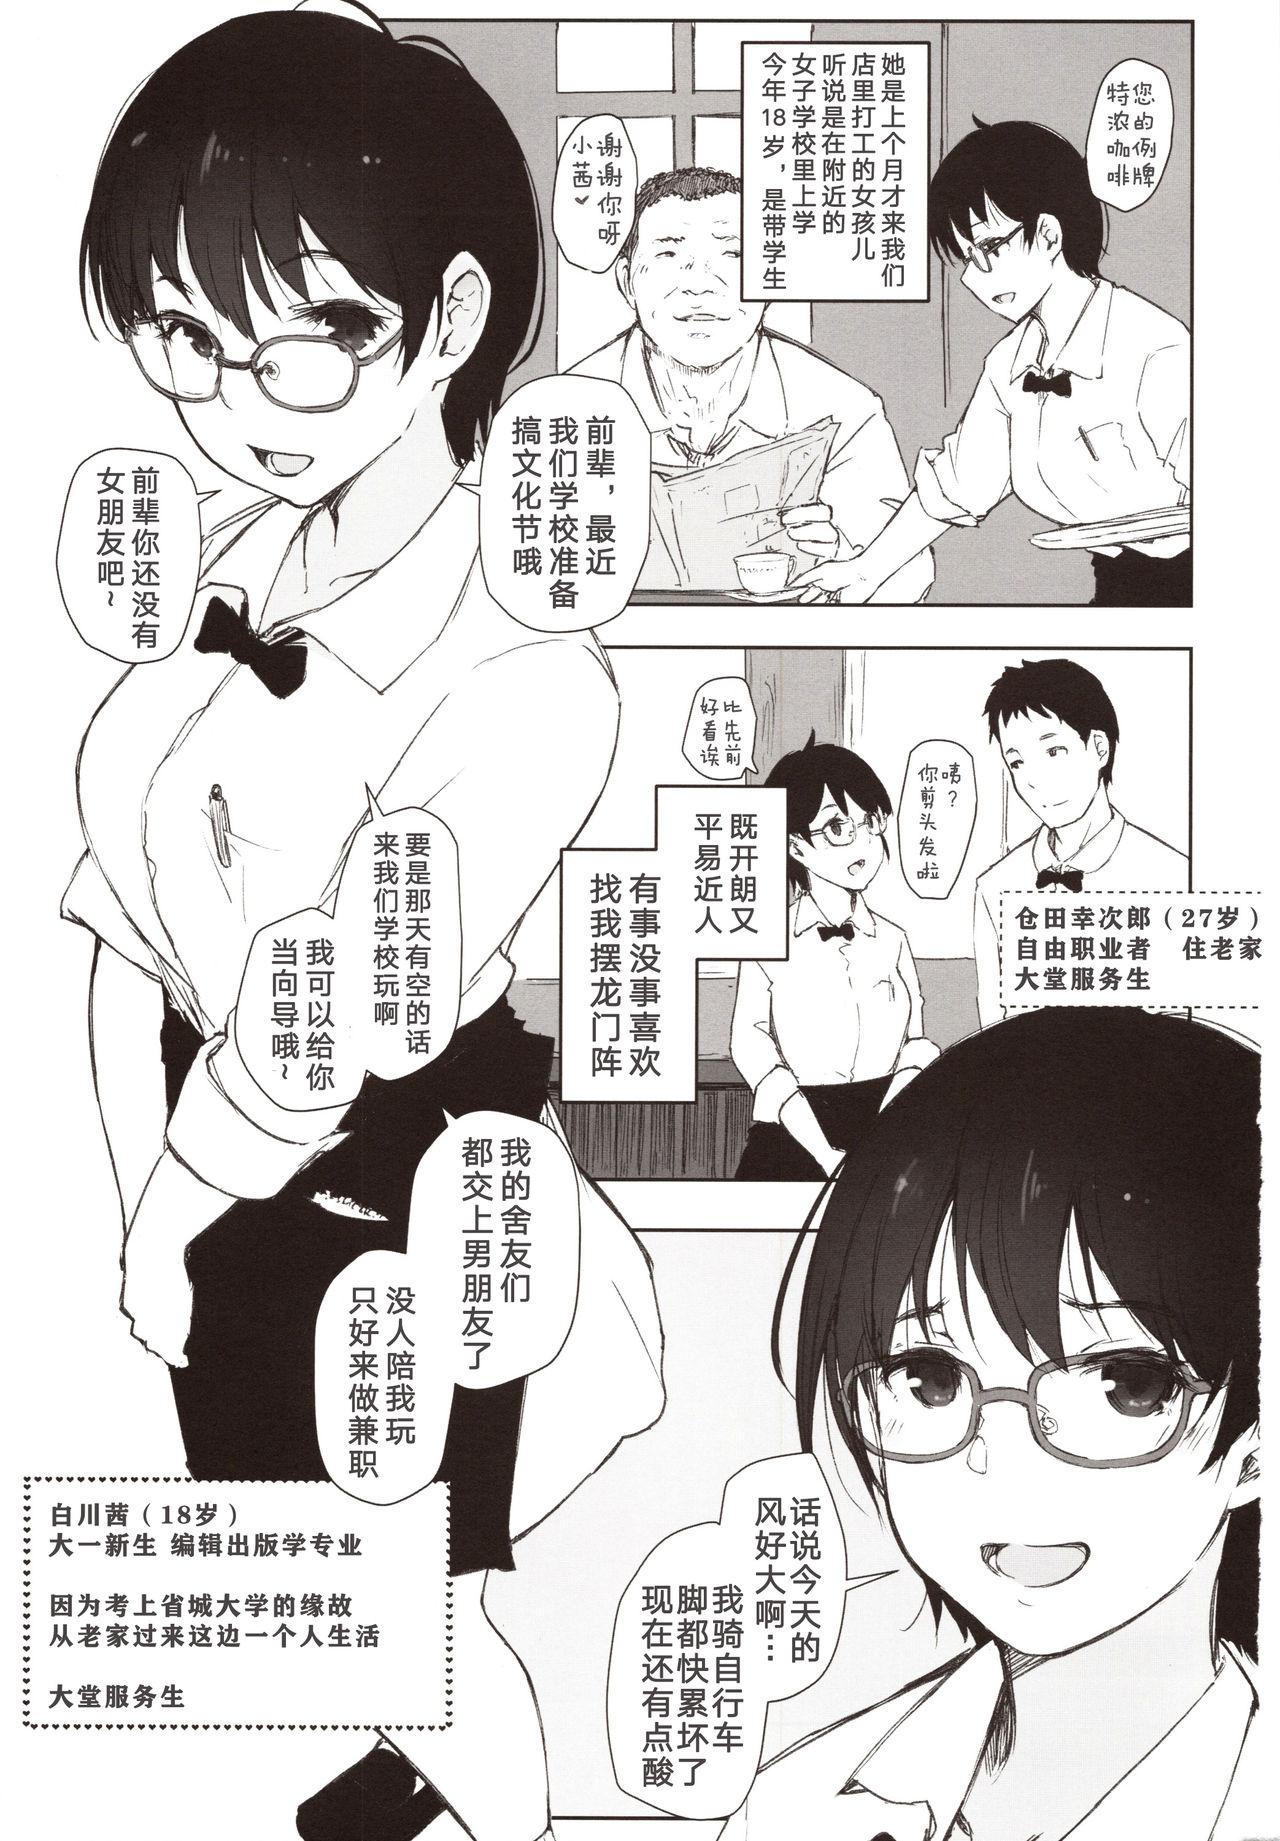 (コミティア130) [あらくれた者たち (あらくれ)] ショートカットで眼鏡の似合う人懐こい... - 情色卡漫 -